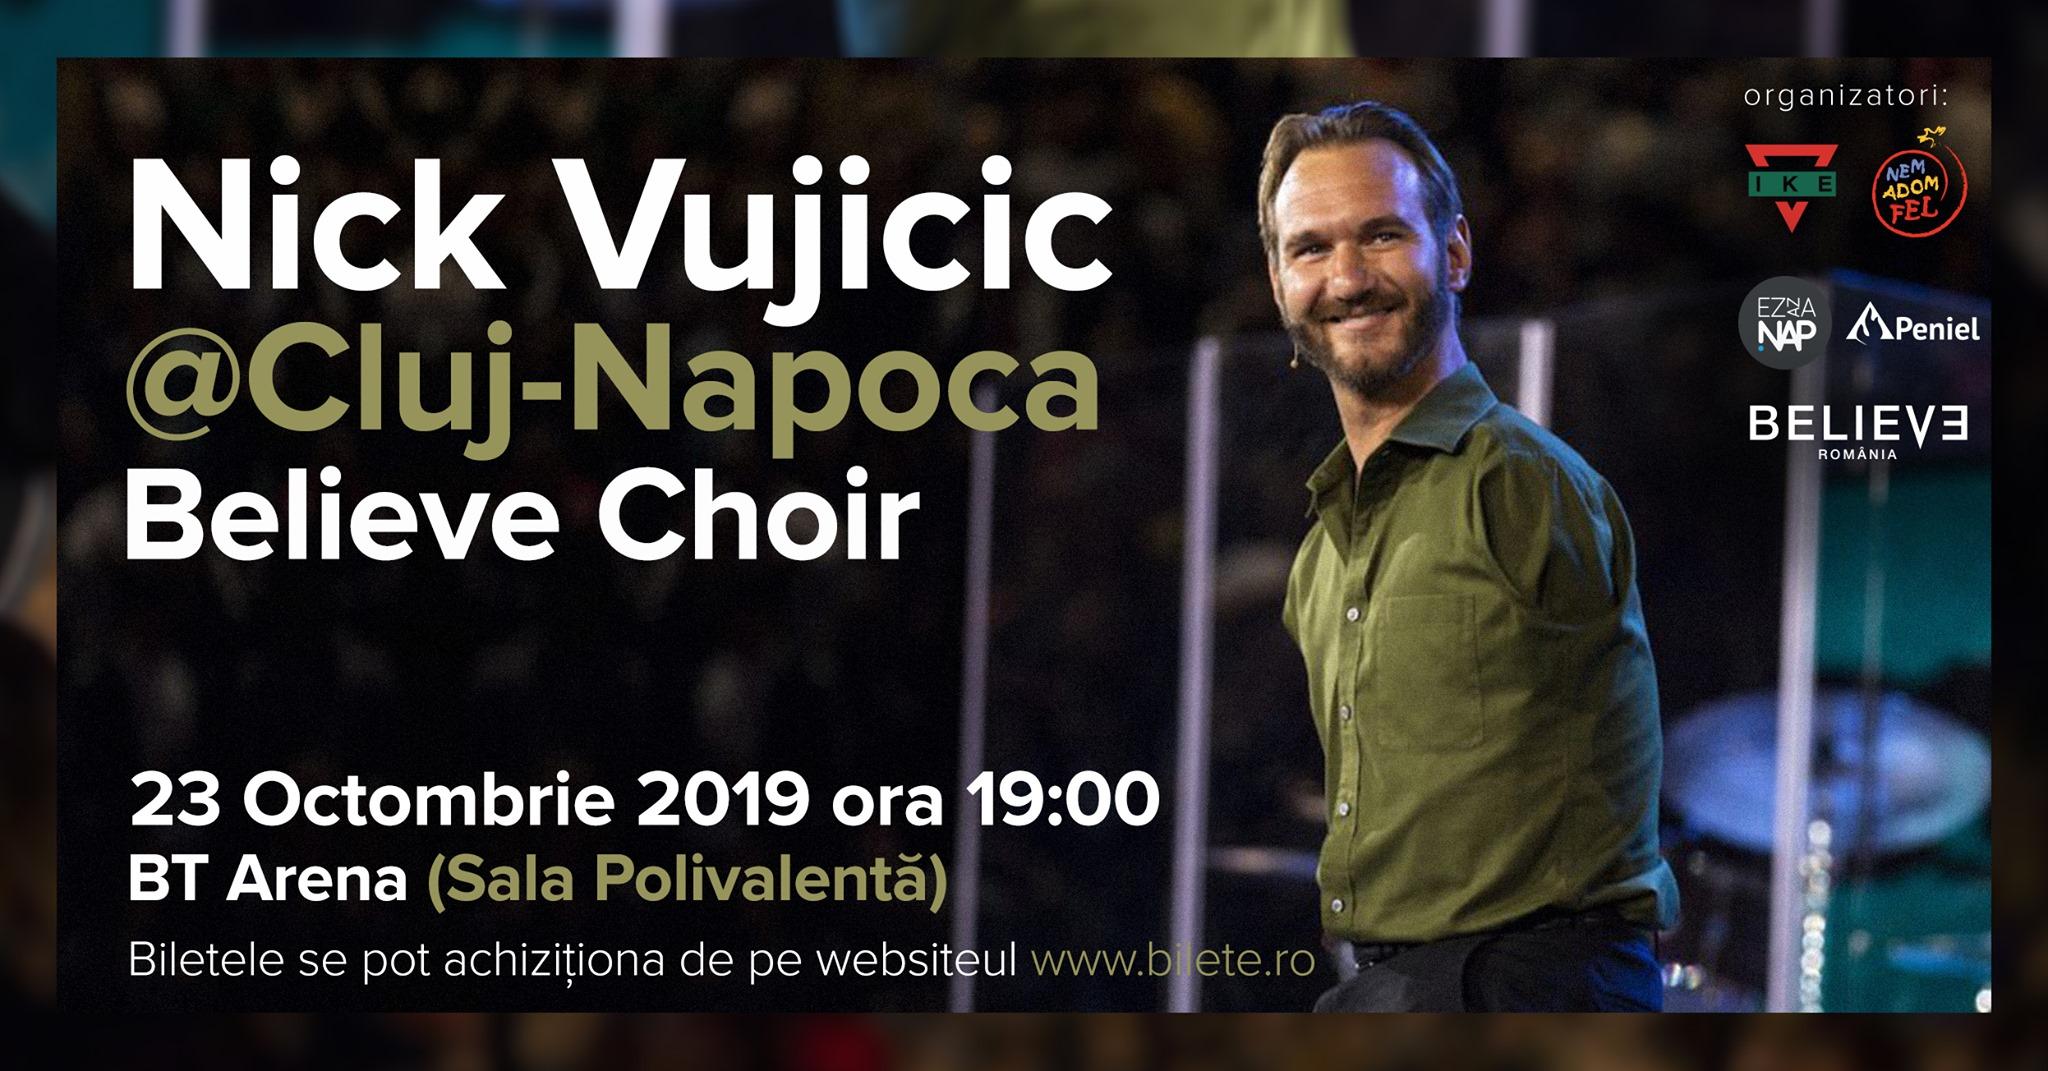 Nick Vujicic @ Cluj-Napoca